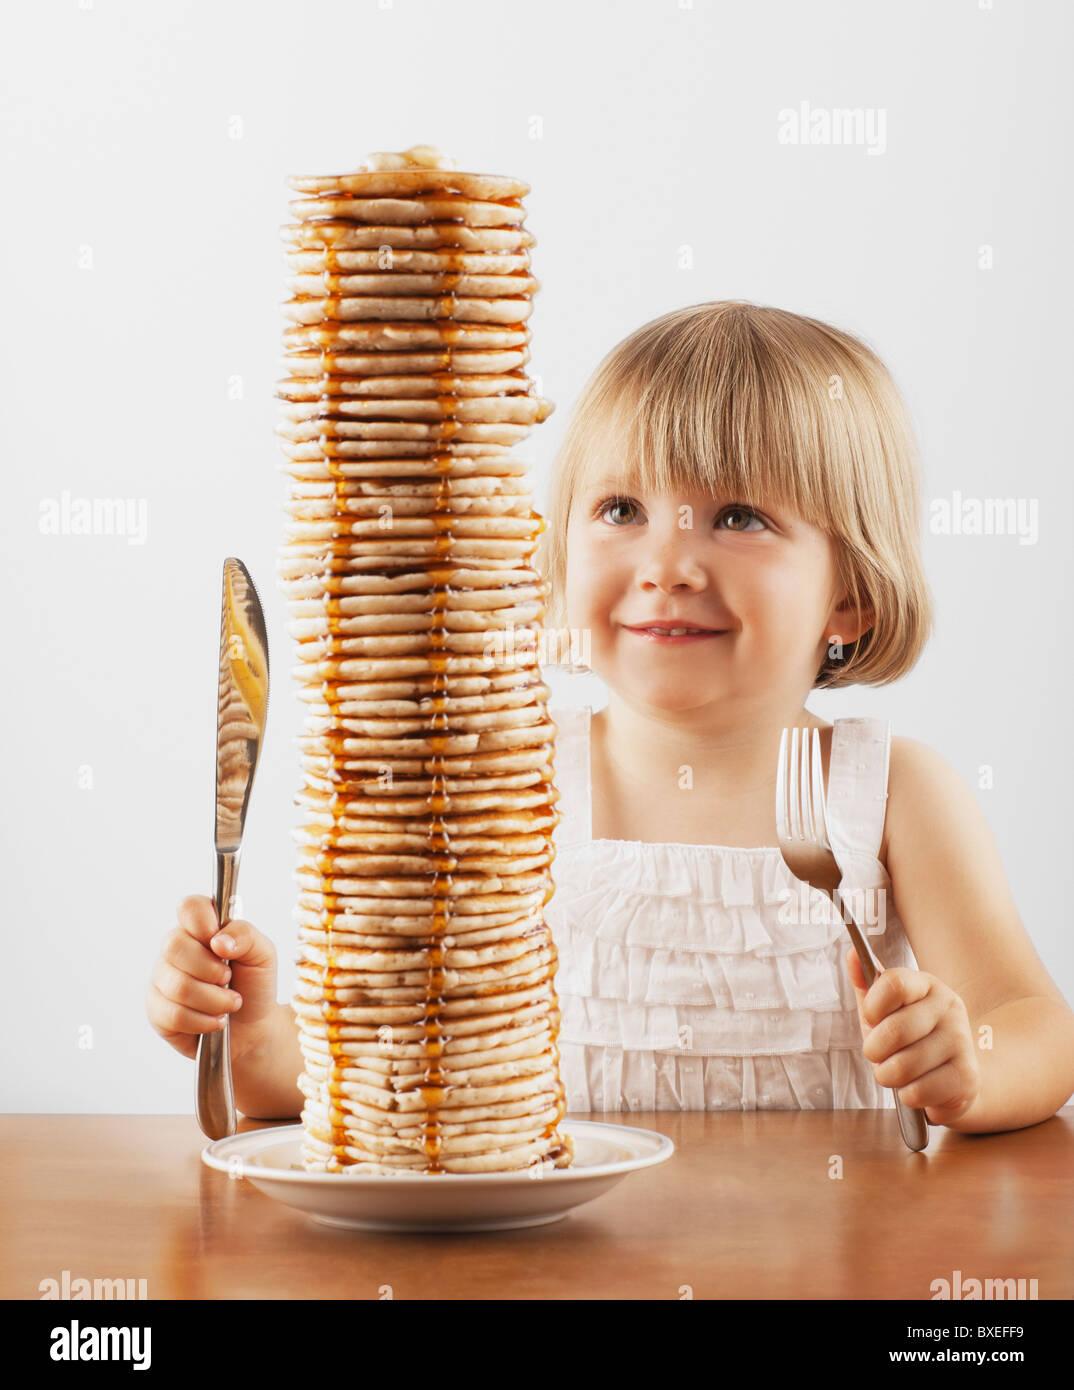 Jeune fille assise derrière une grande pile de crêpes Photo Stock